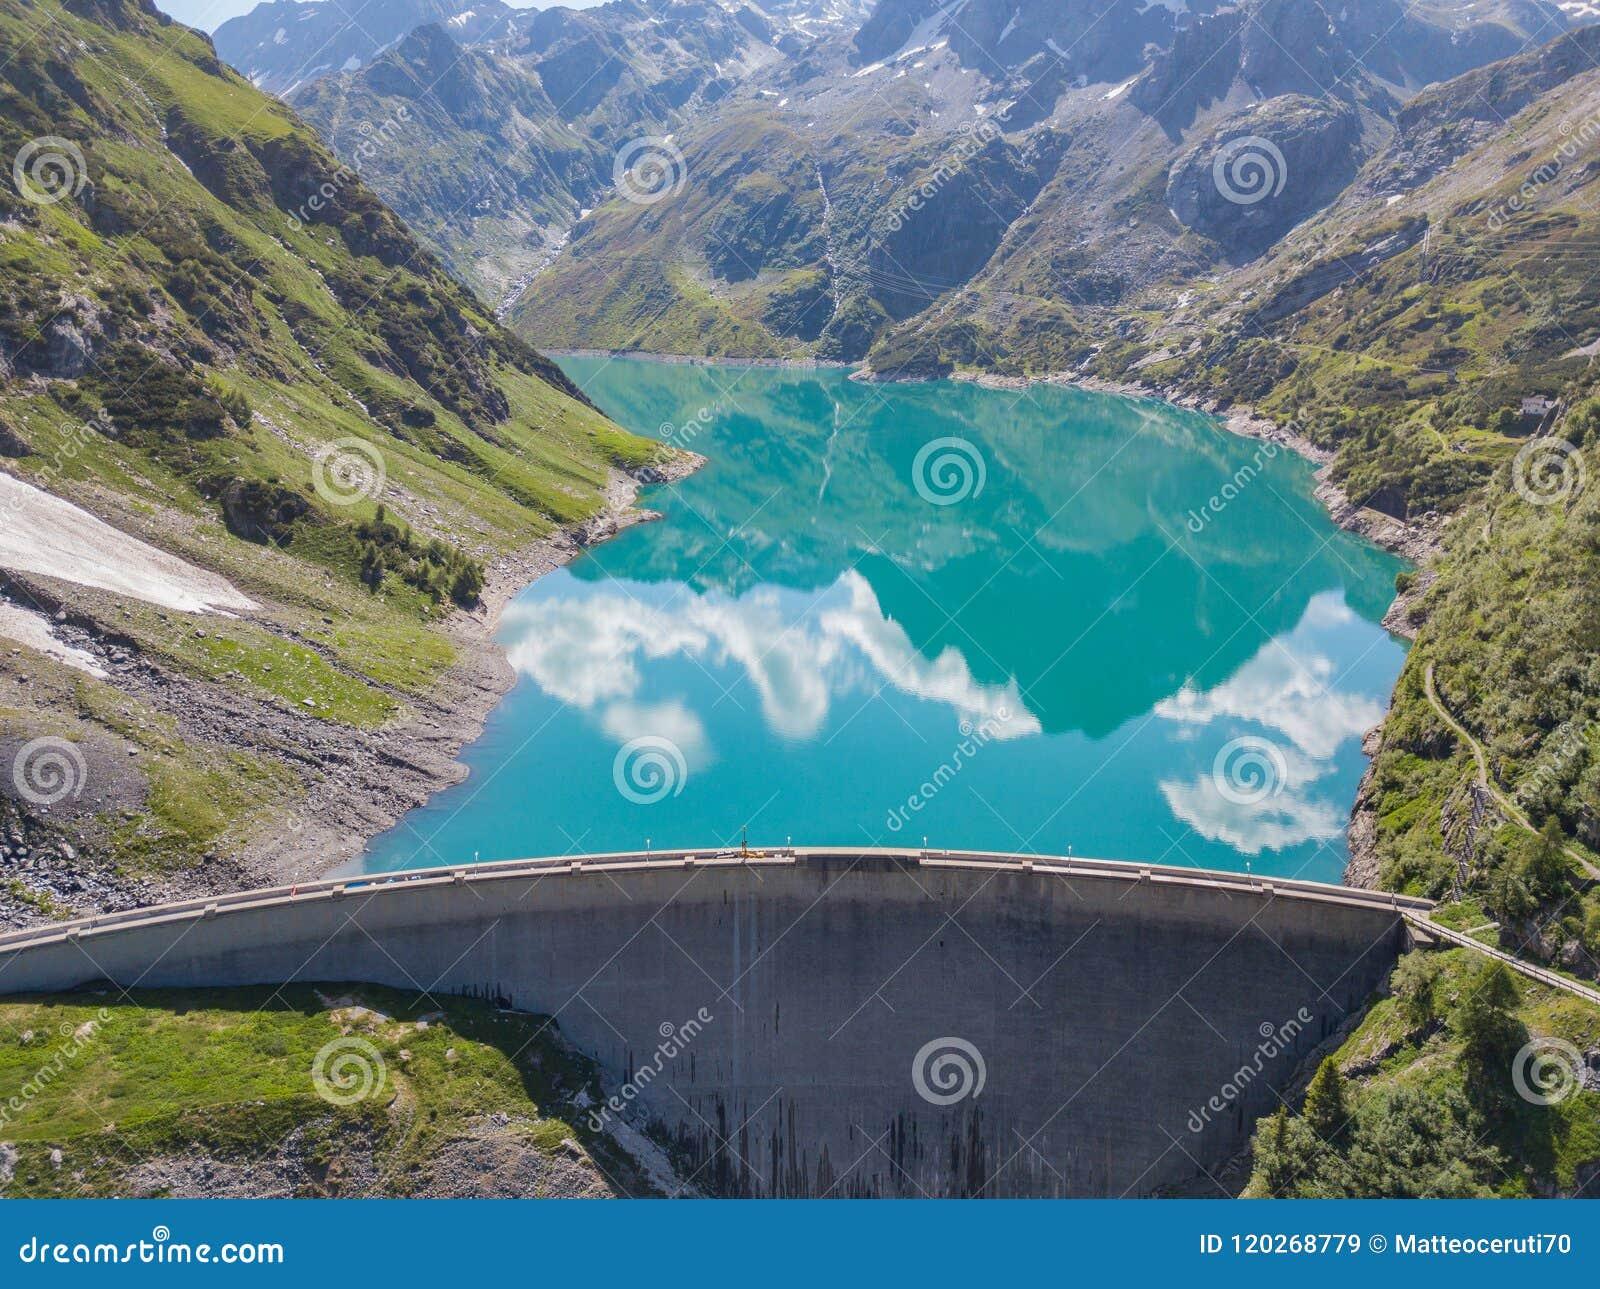 Вид с воздуха трутня озера Barbellino высокогорное искусственное озеро и гора вокруг ее Итальянка альп Италия